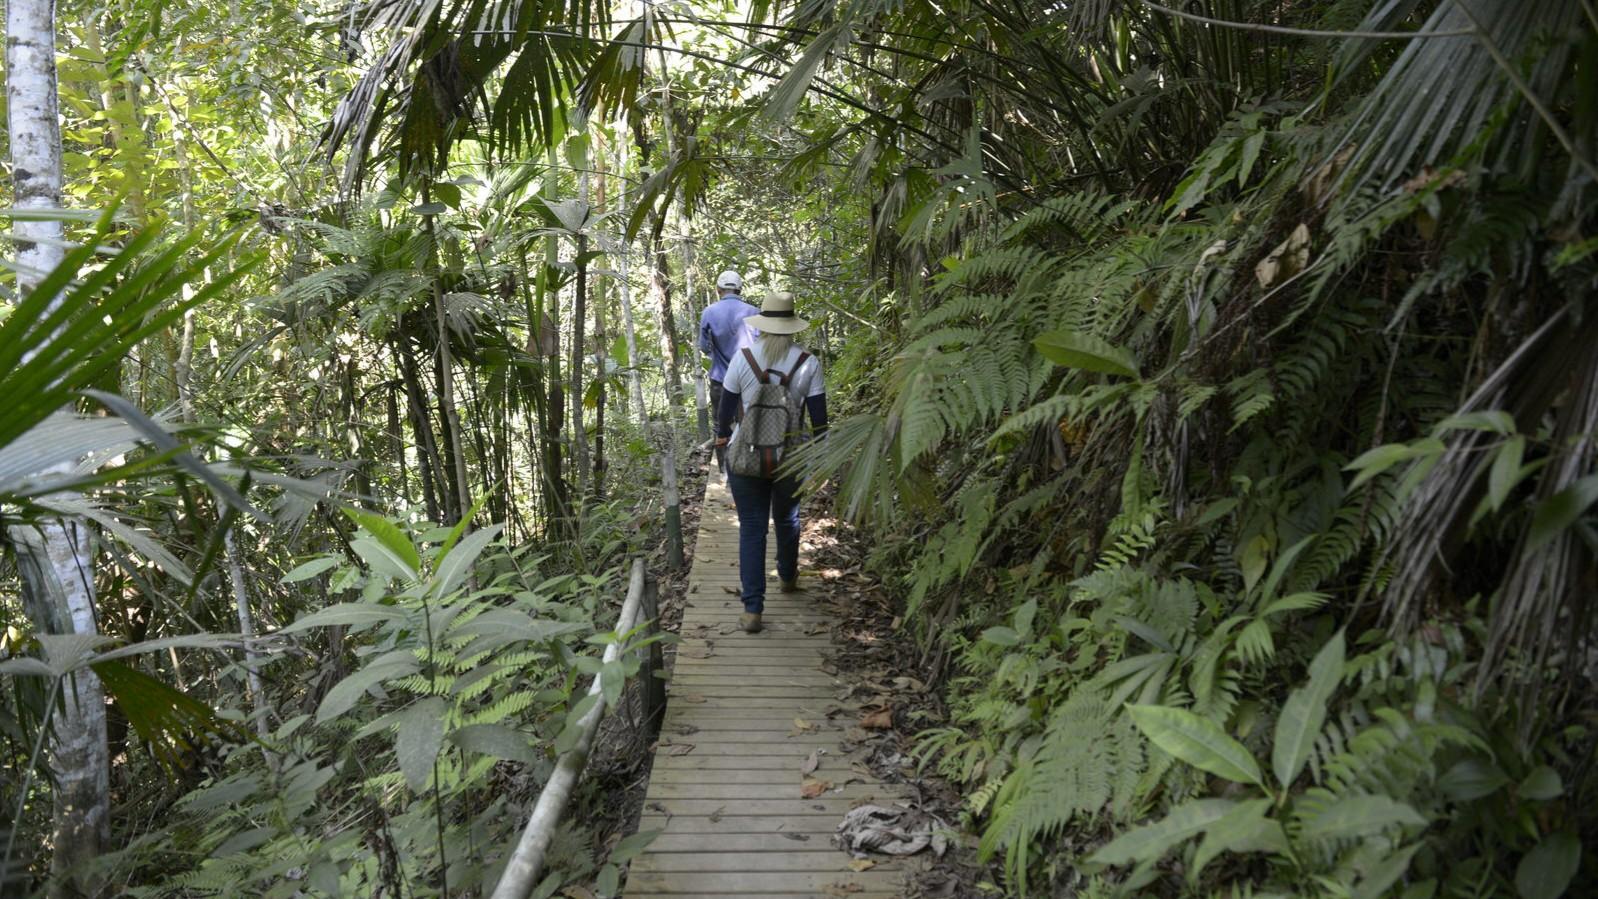 La CARDER y la Fundación Natura fortalecen la gobernanza ambiental en habitantes del  Guásimo